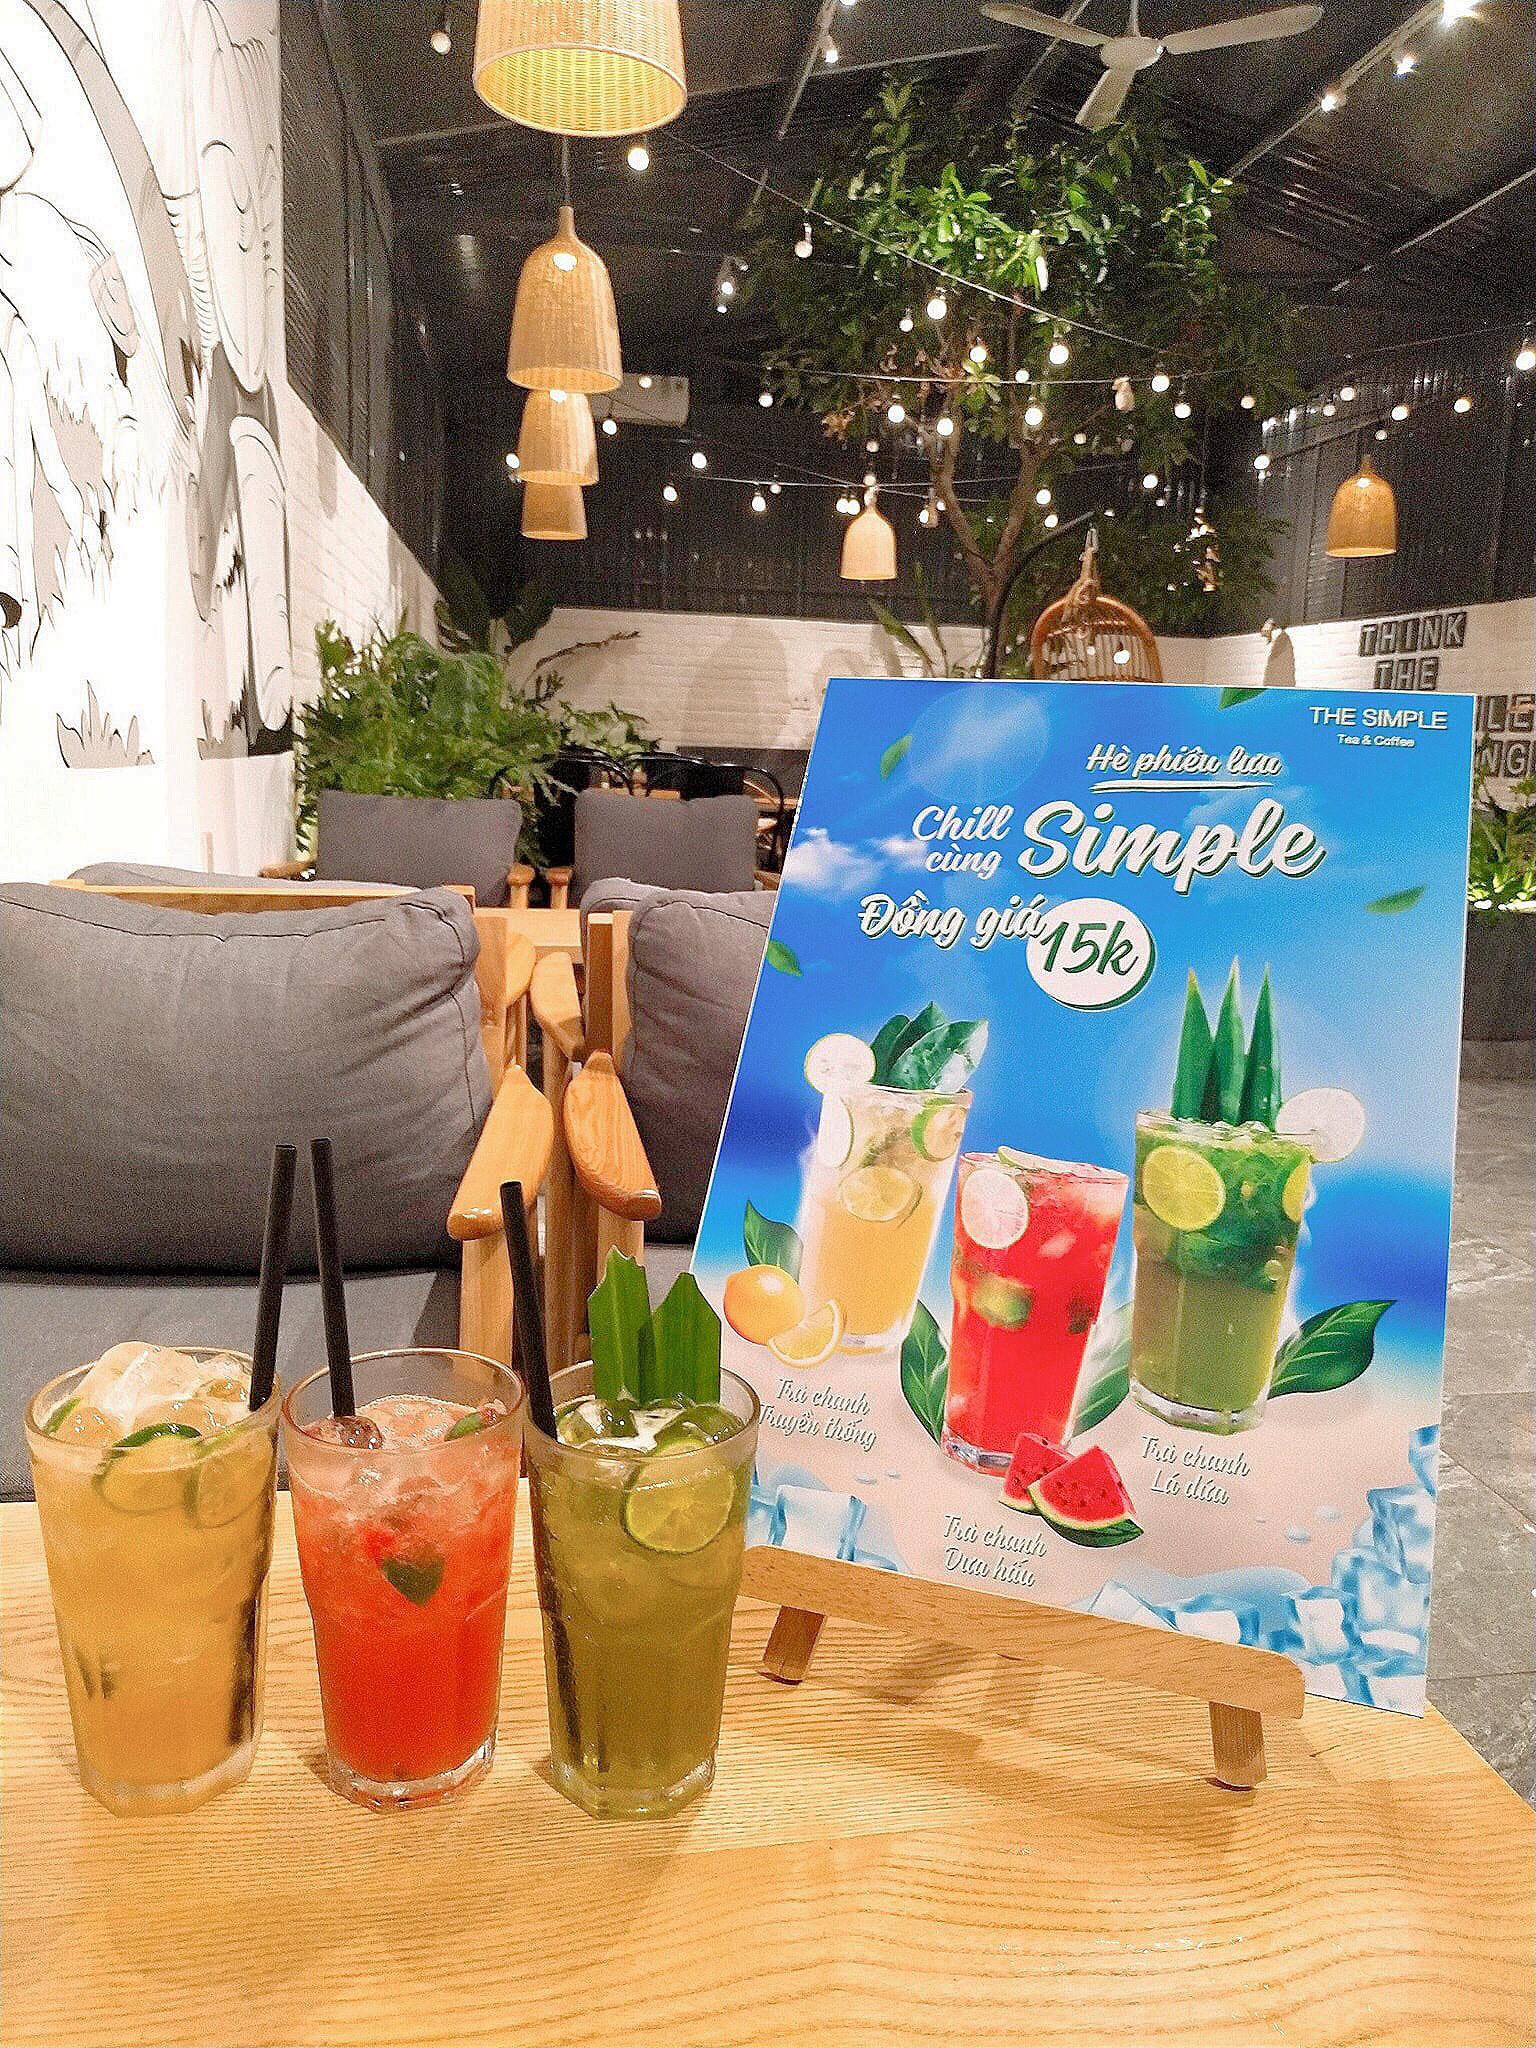 Điểm mặt thương hiệu trà sữa The Simple - đặc sản trong cộng đồng giới trẻ Hải Dương - Ảnh 9.